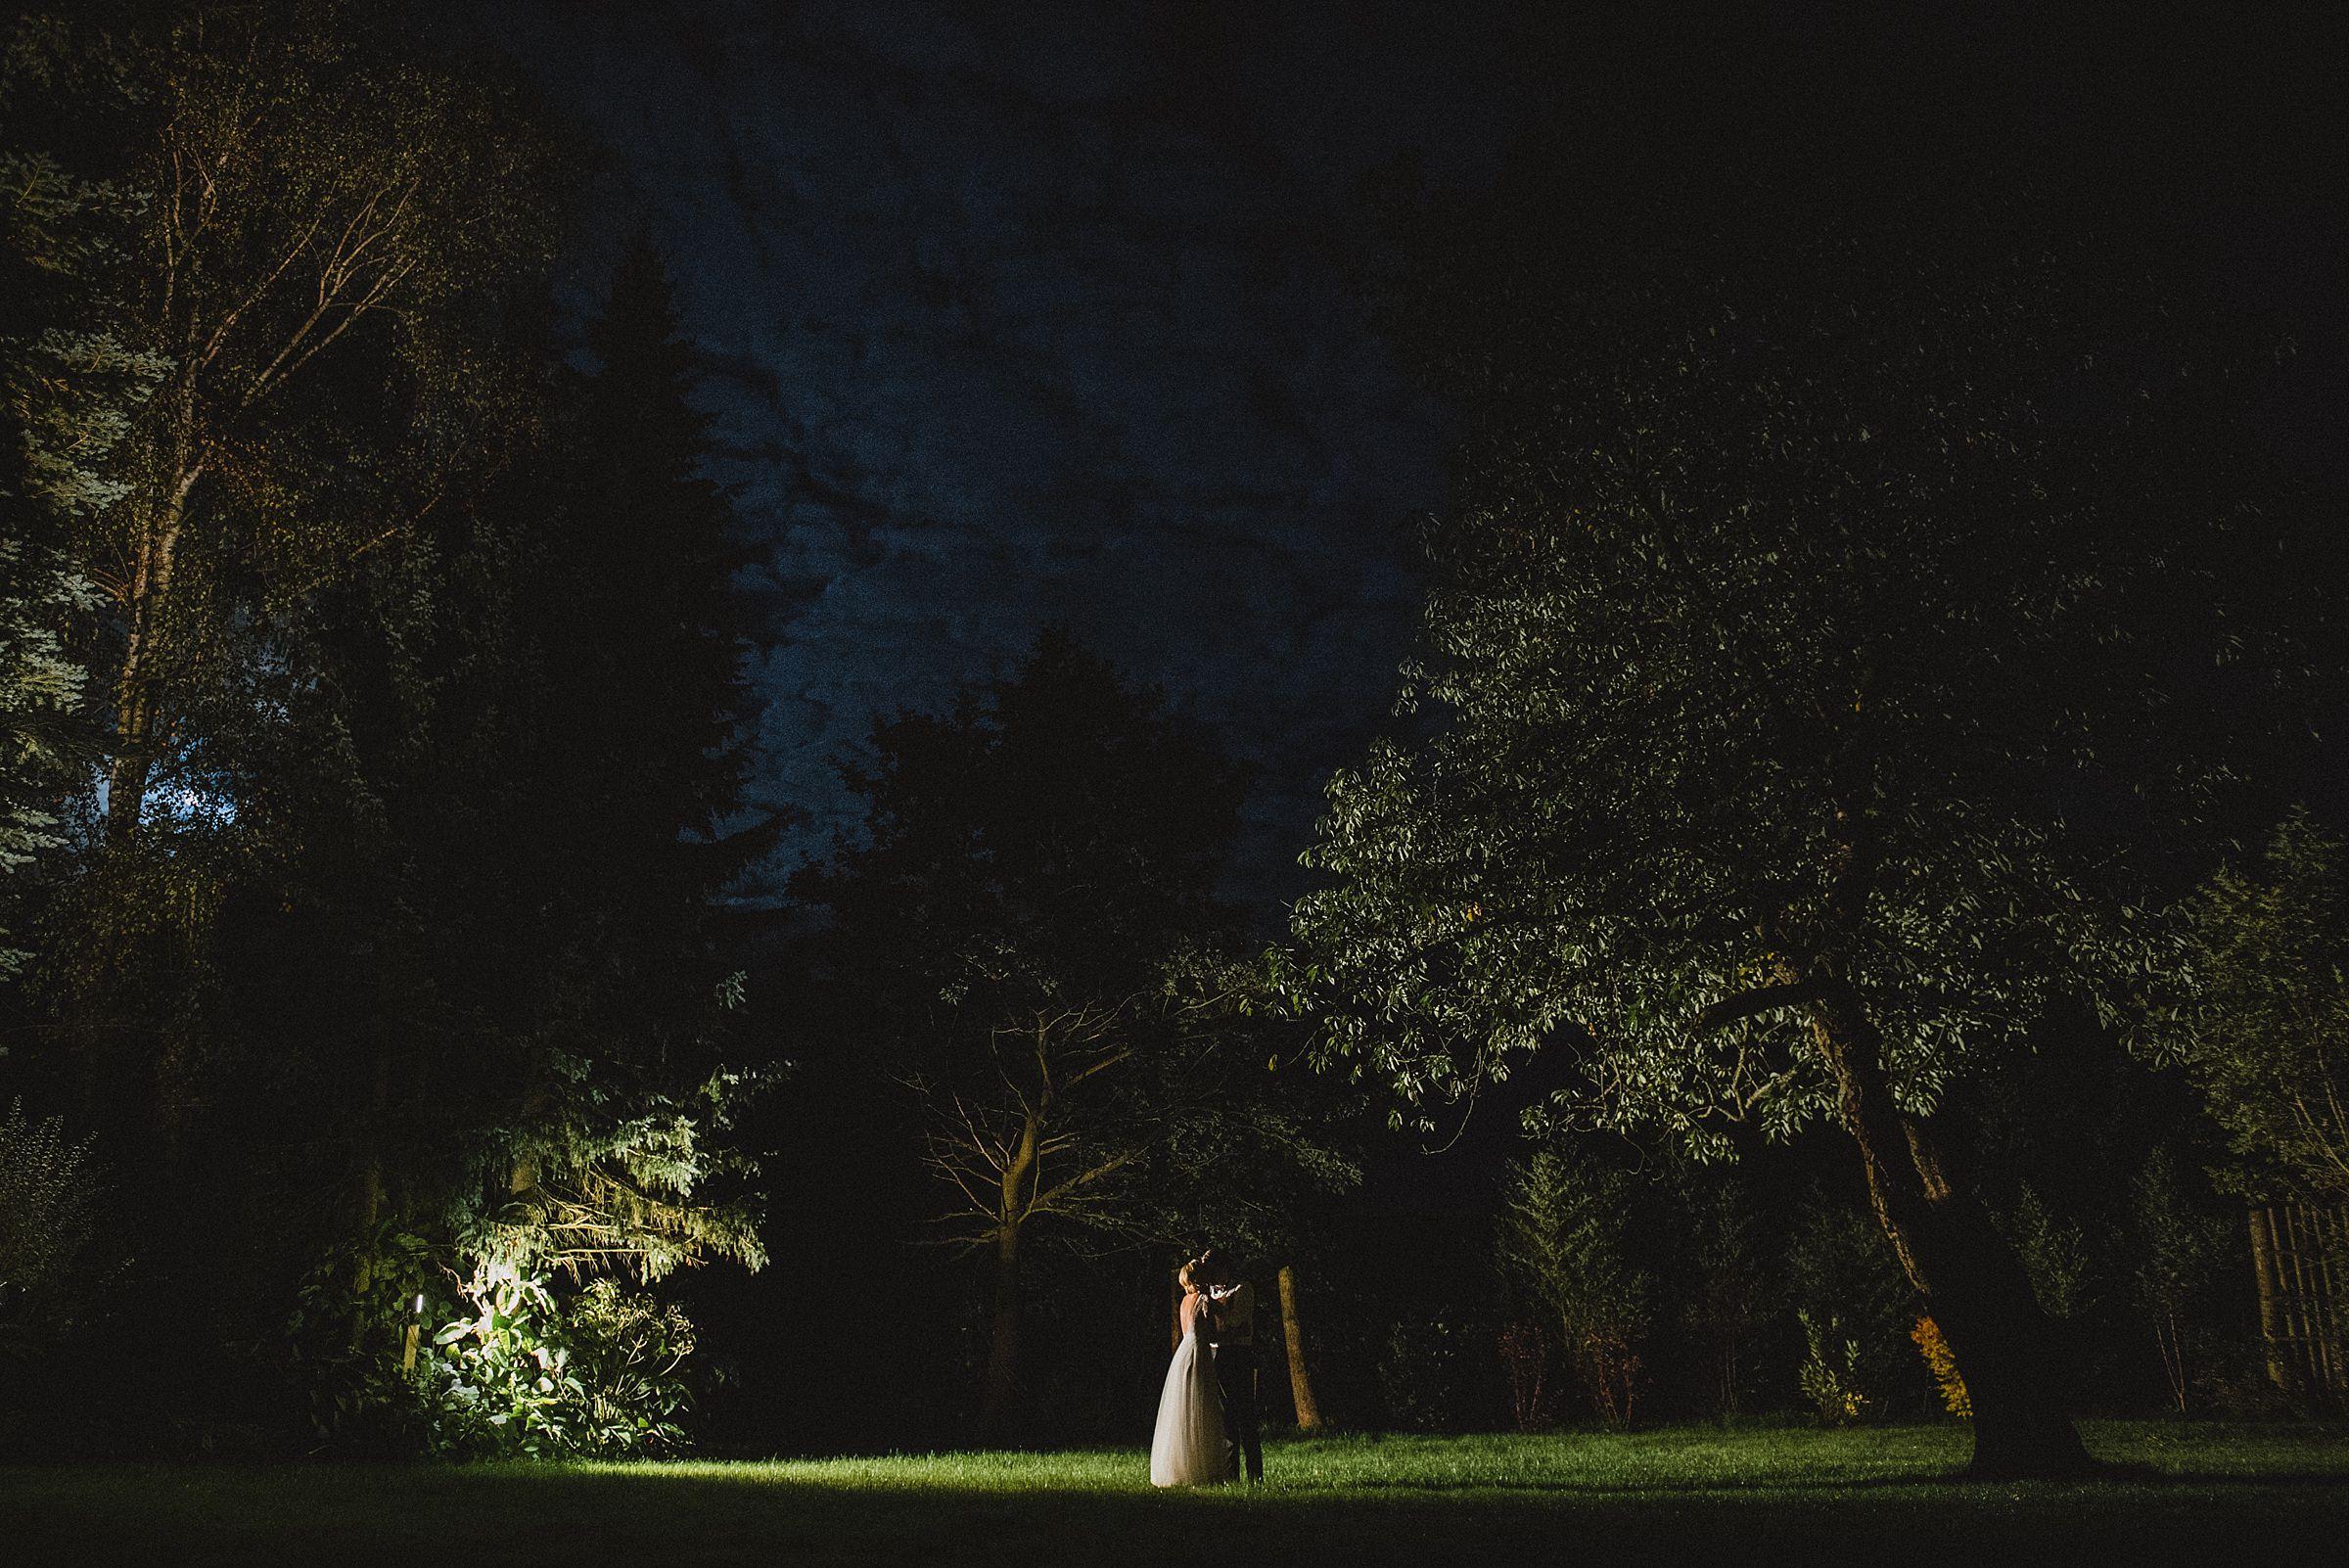 Hochzeitsfotografie Hamburg-Frau-Siemers-Gut Basthorst- Brautpaarbild im Mondschein- Nachtaufnahme